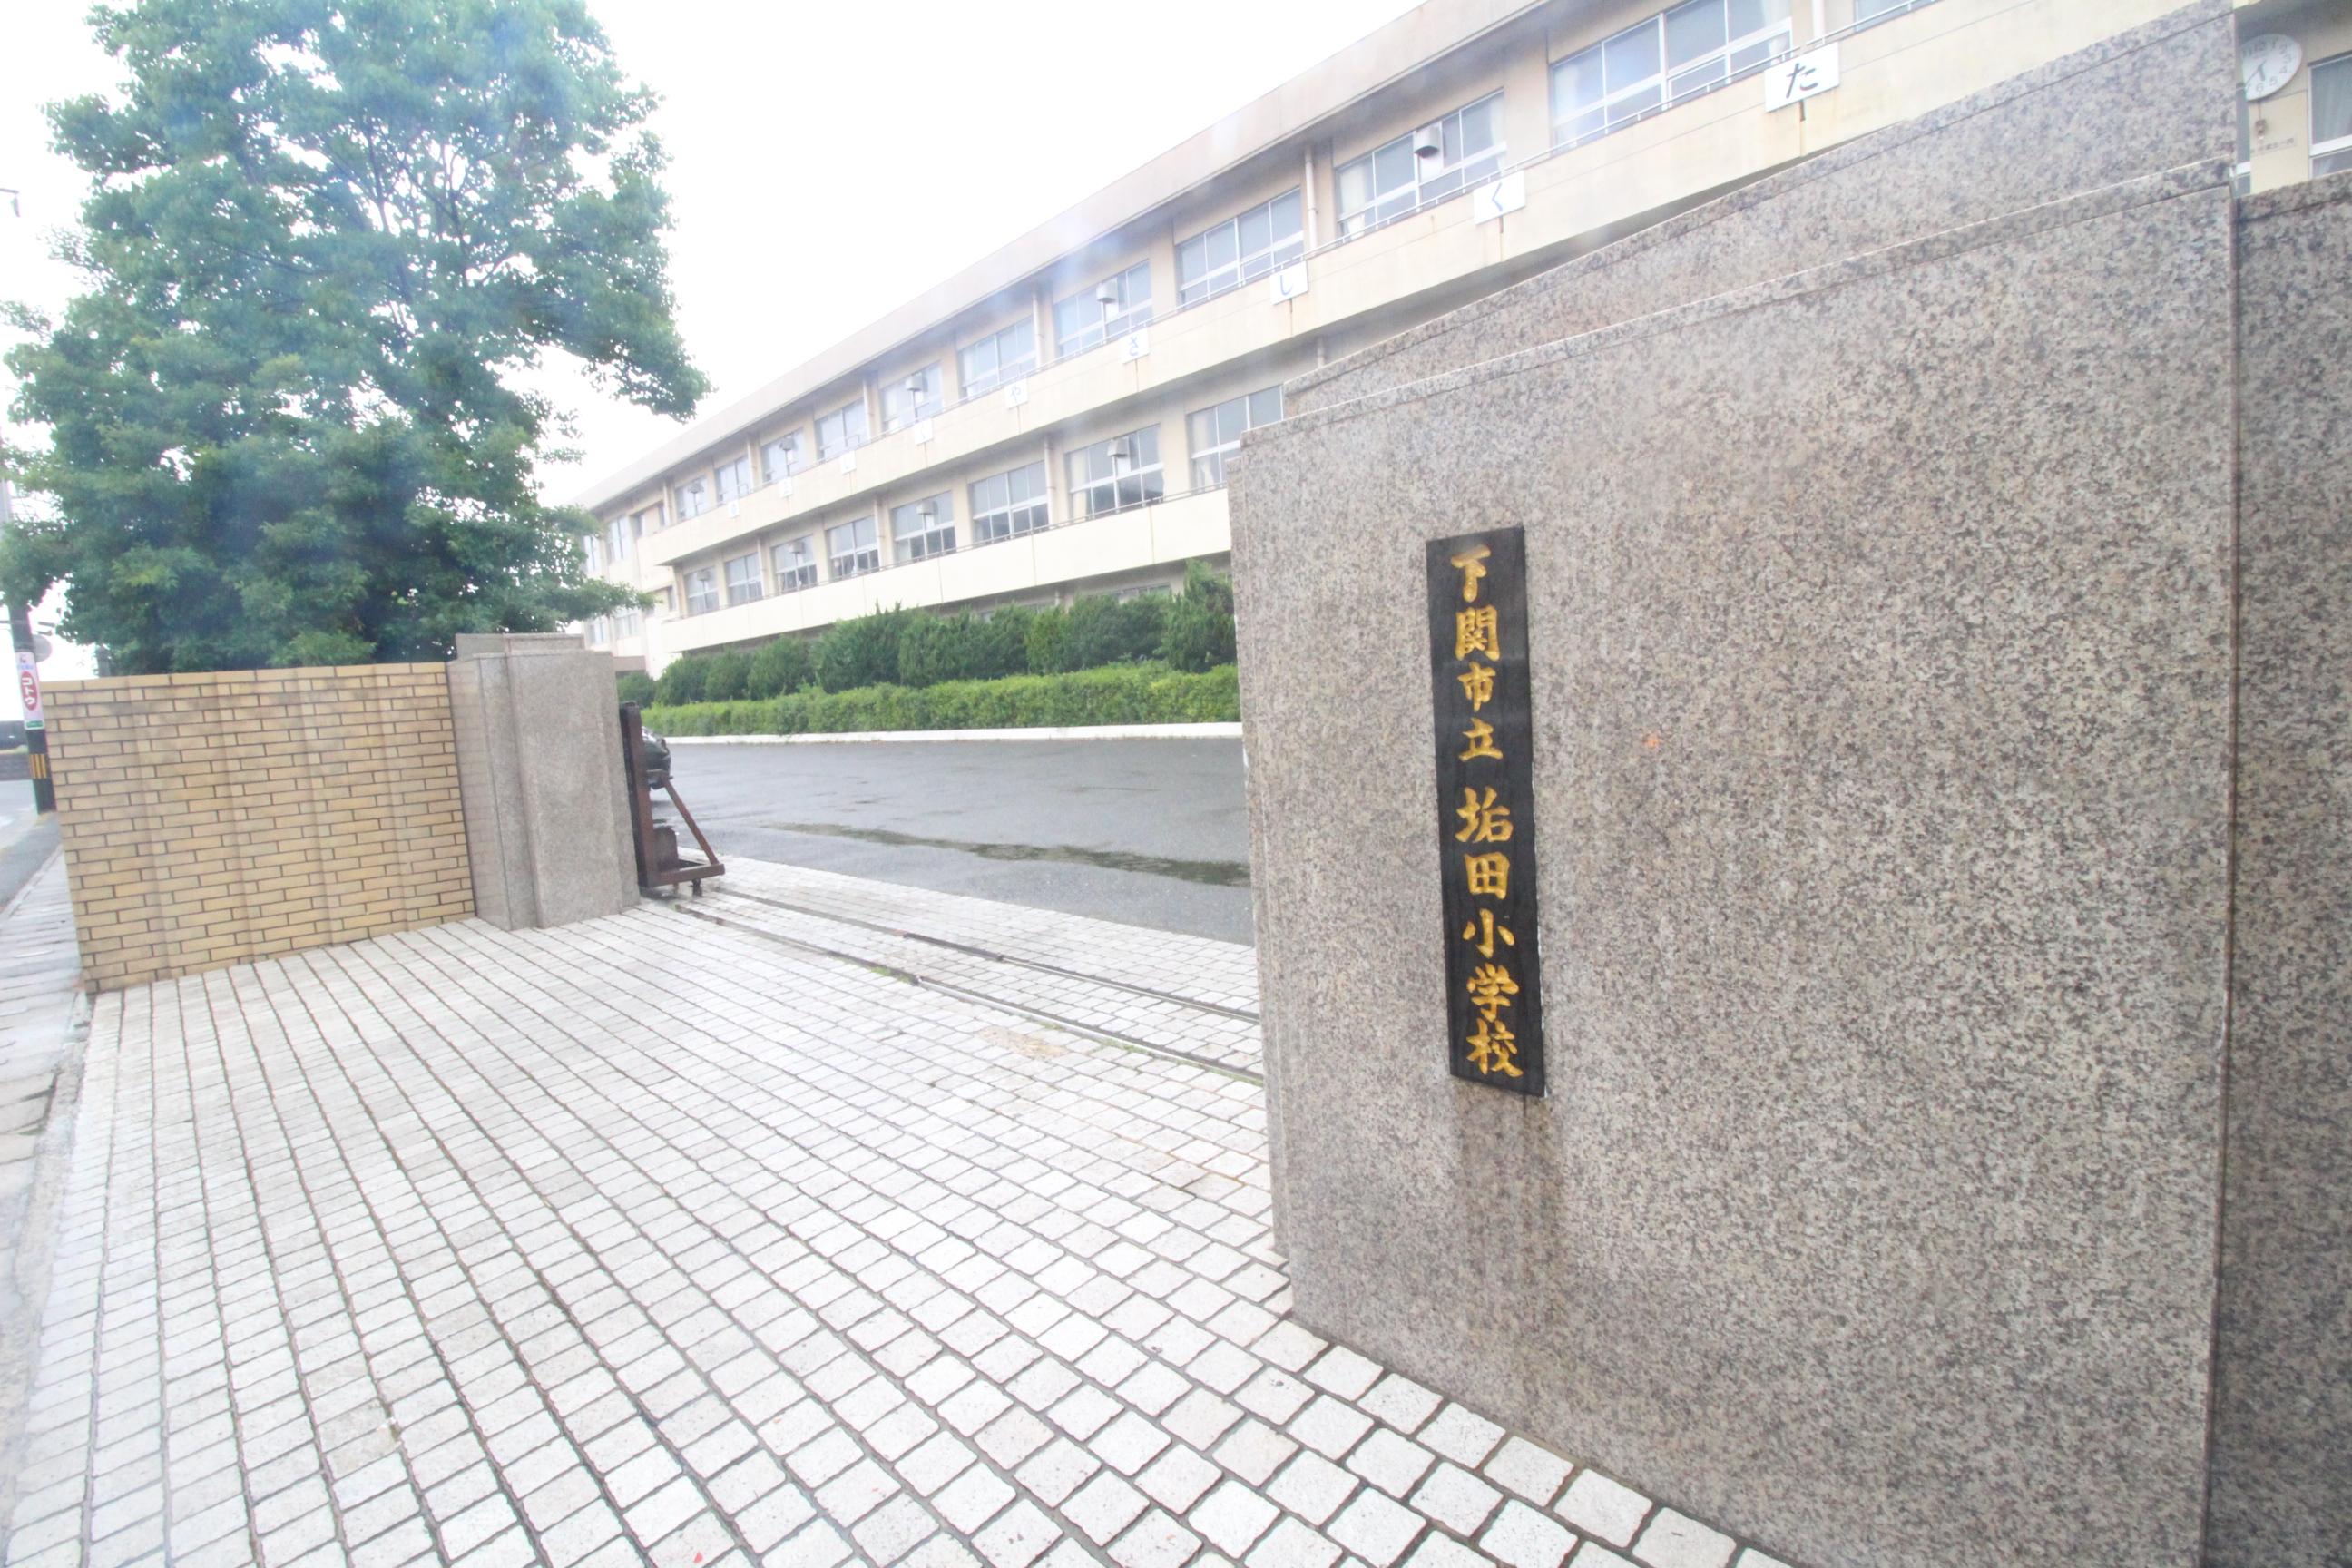 小学校:下関市立垢田小学校 1245m